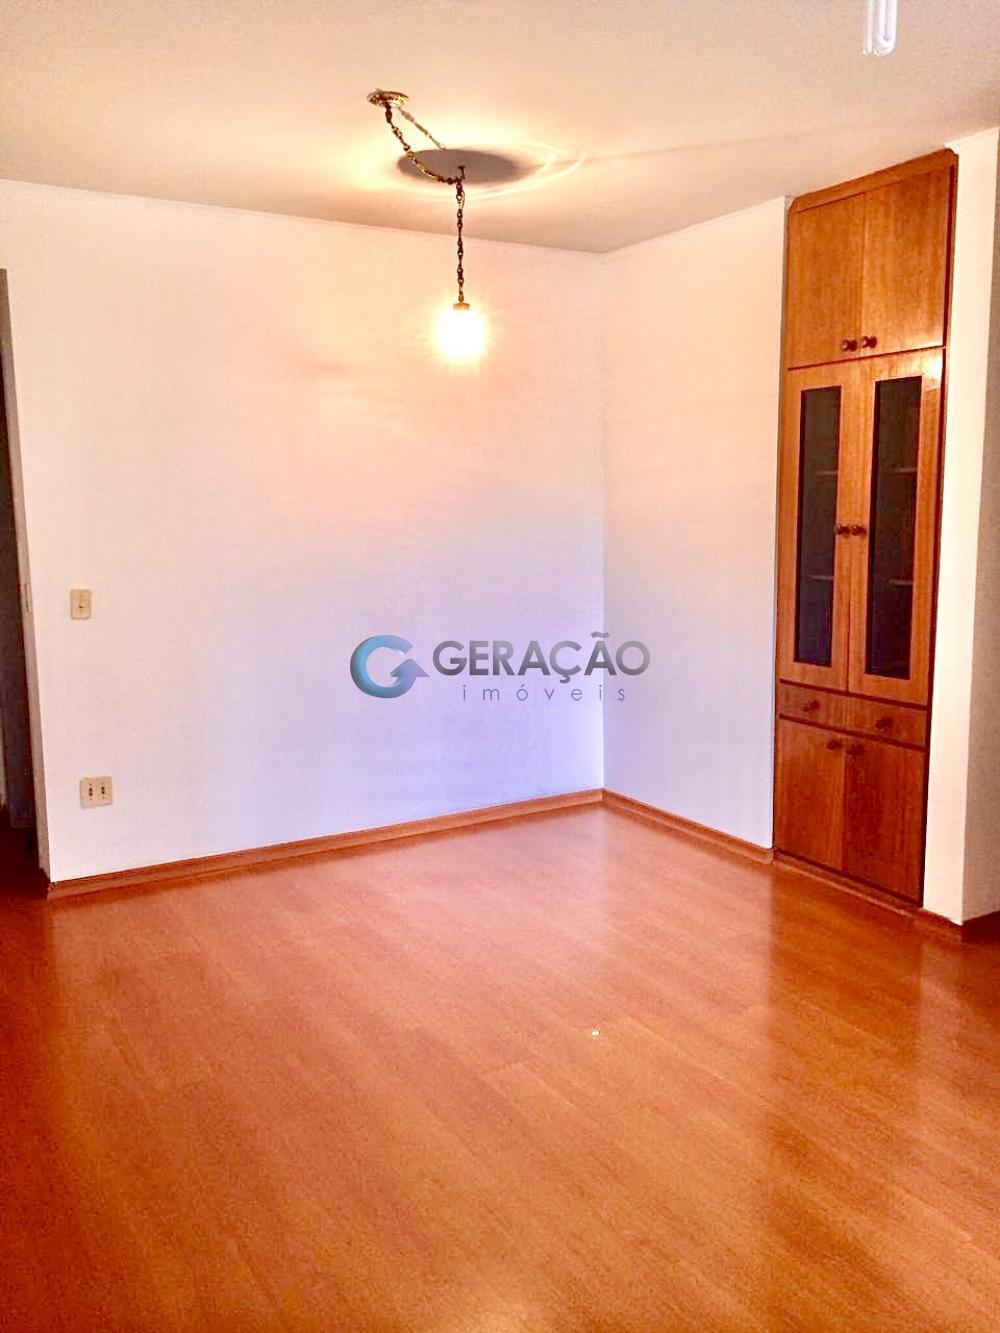 Alugar Apartamento / Padrão em São José dos Campos R$ 1.550,00 - Foto 5